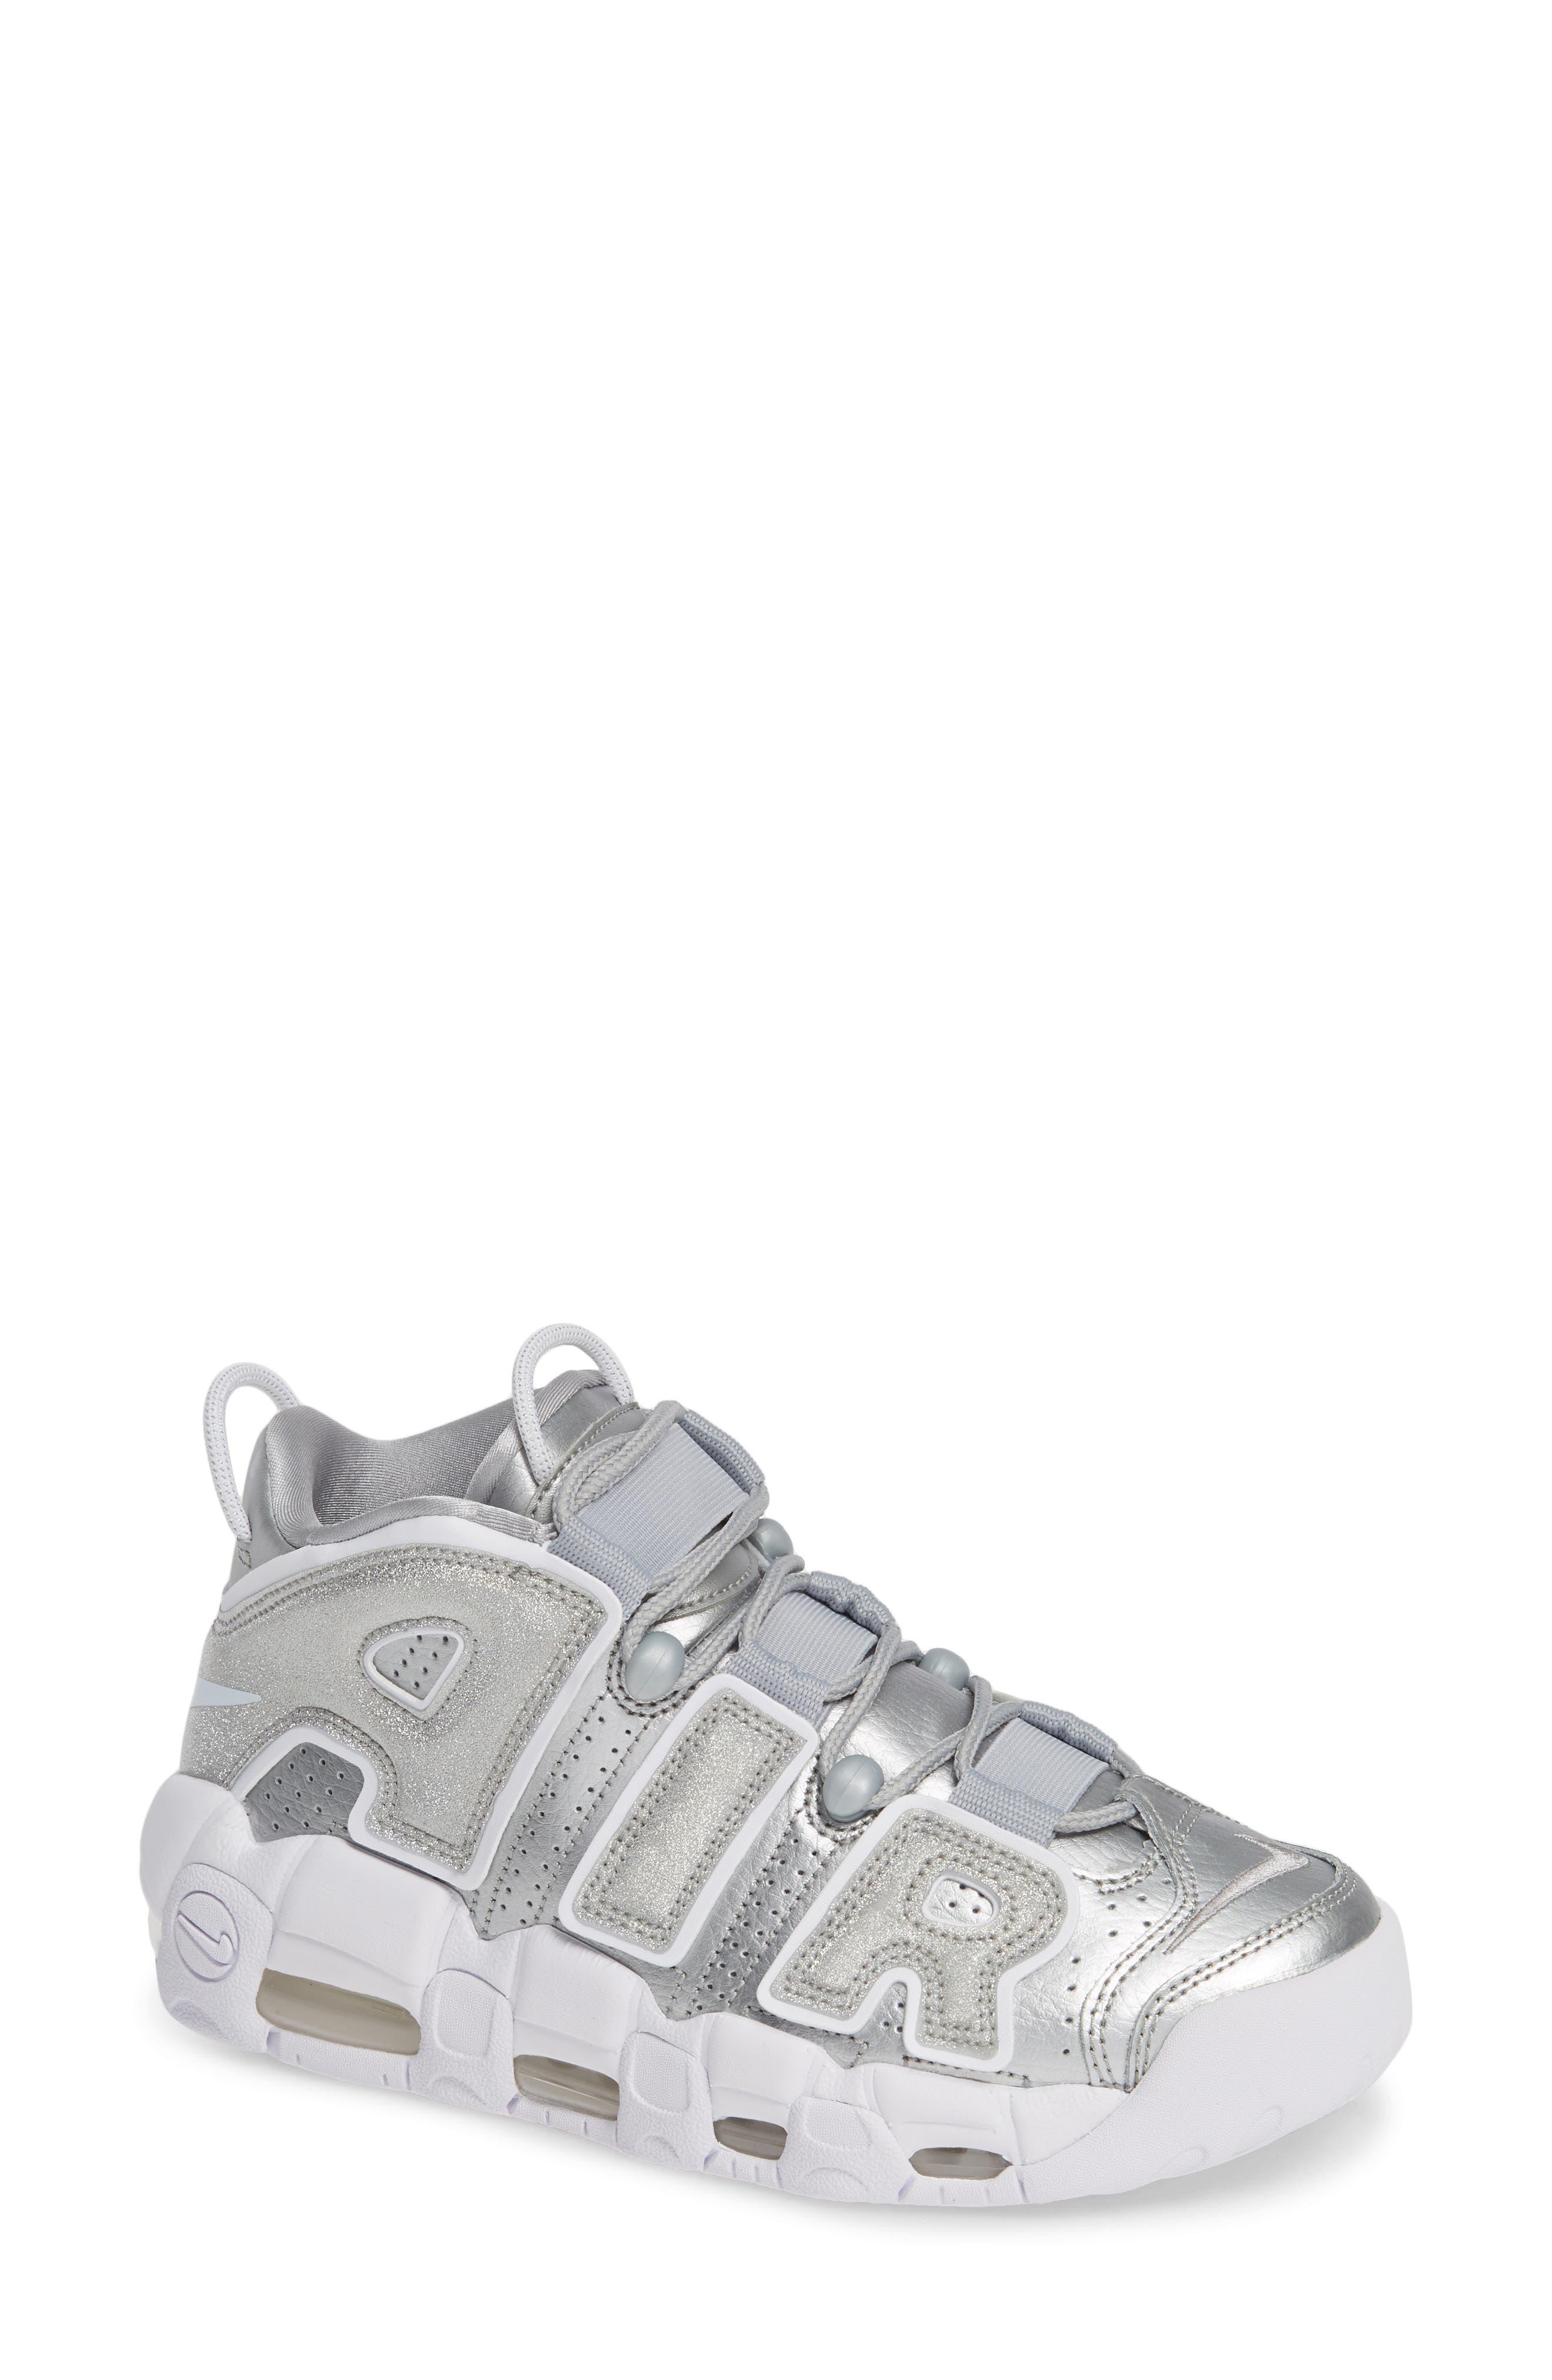 Air More Uptempo Sneaker,                         Main,                         color, METALLIC SILVER